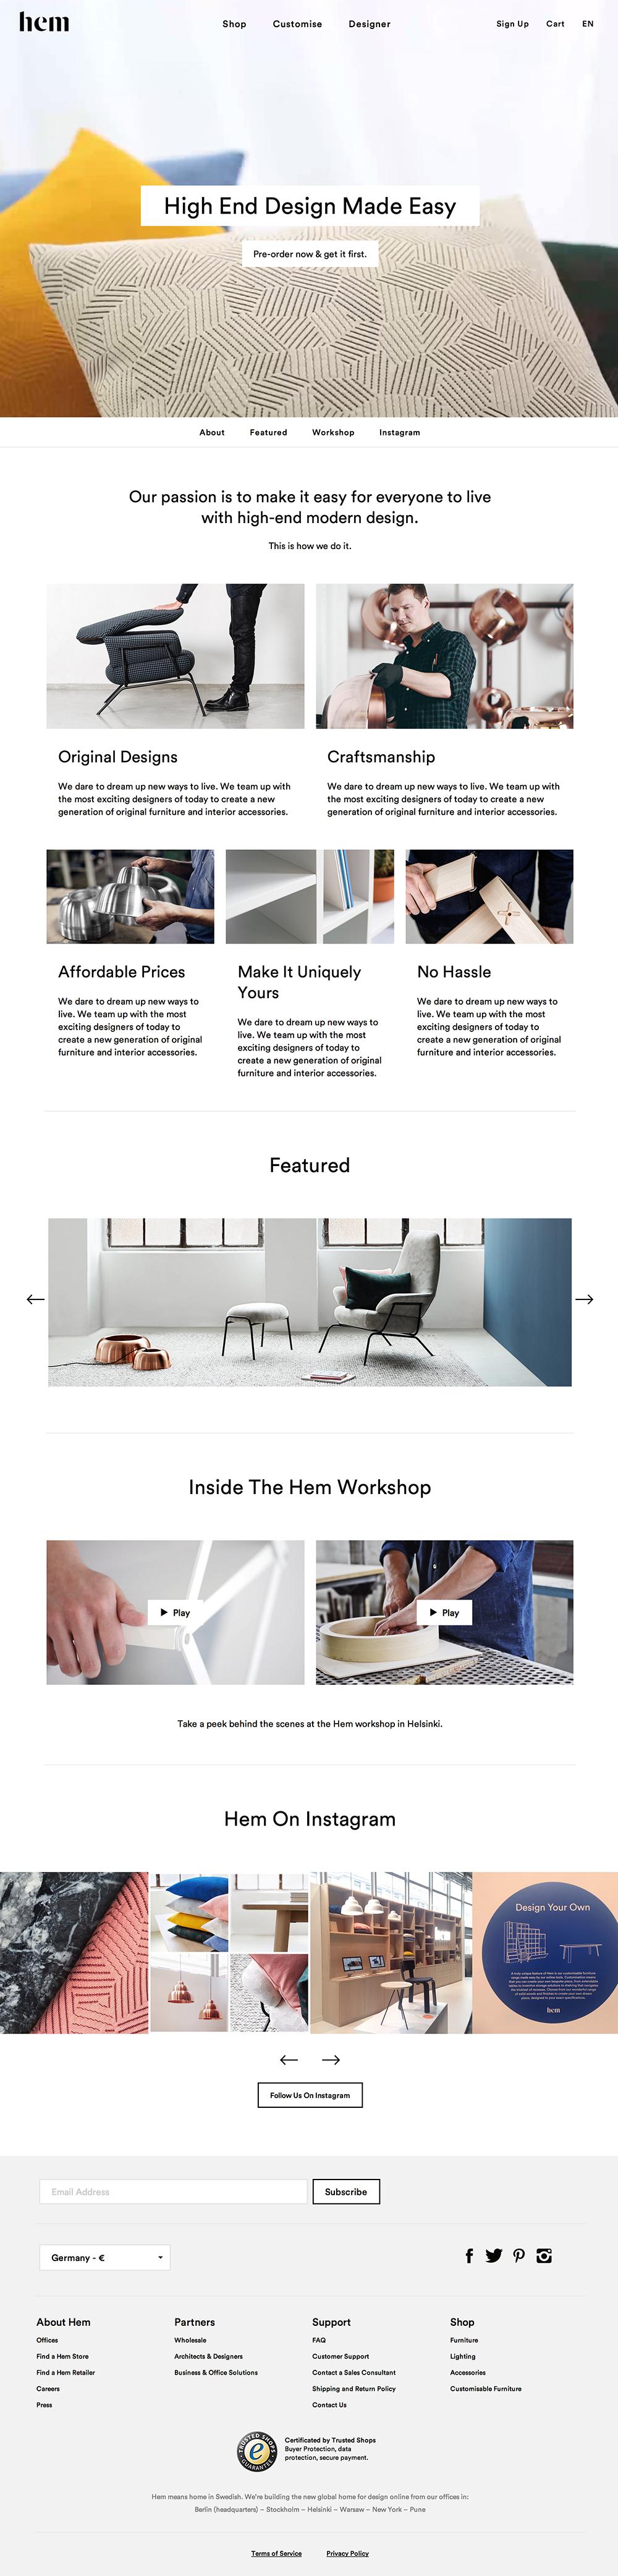 hem-homepage.png